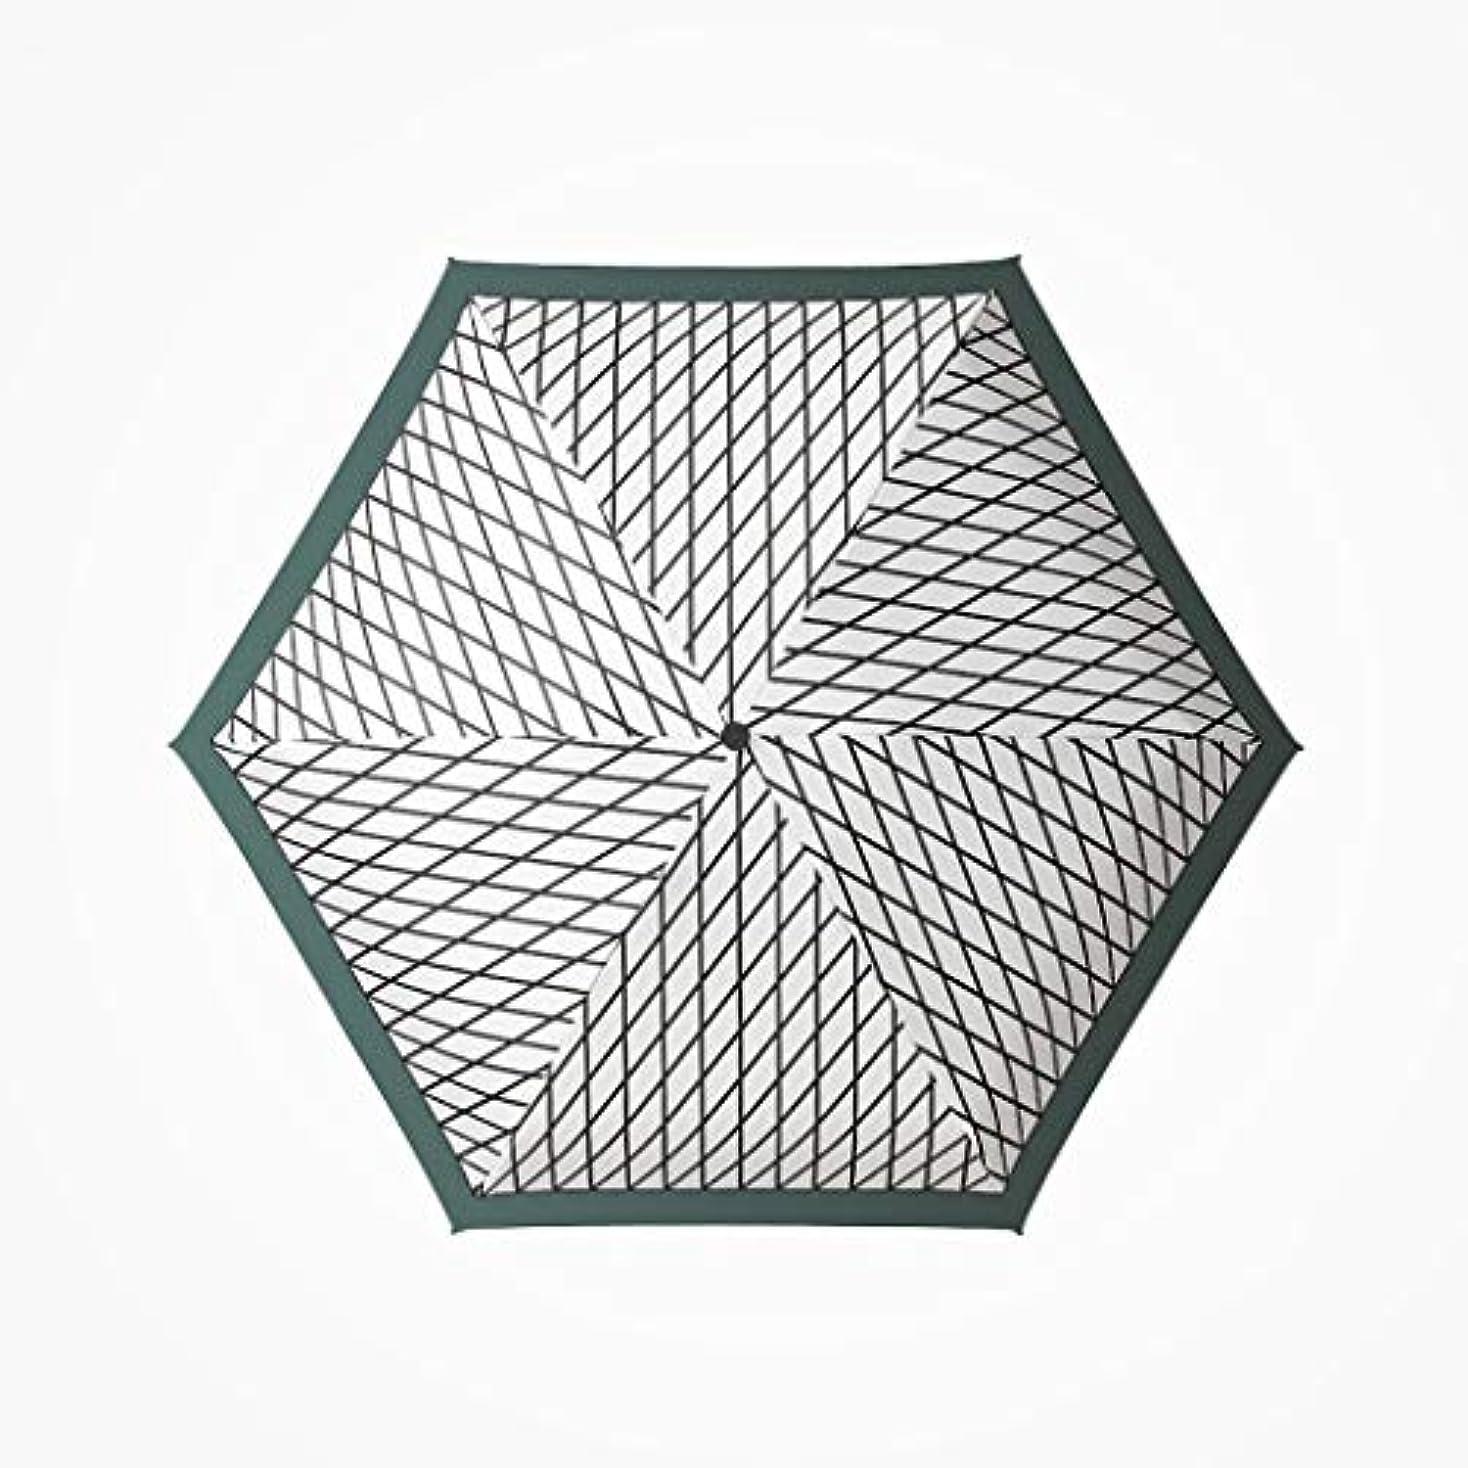 ドナー見分けるオゾンウルトラライトスモールサンパラソルサンプロテクションUV折りたたみ傘兼用サンプロテクションポケット (色 : B)